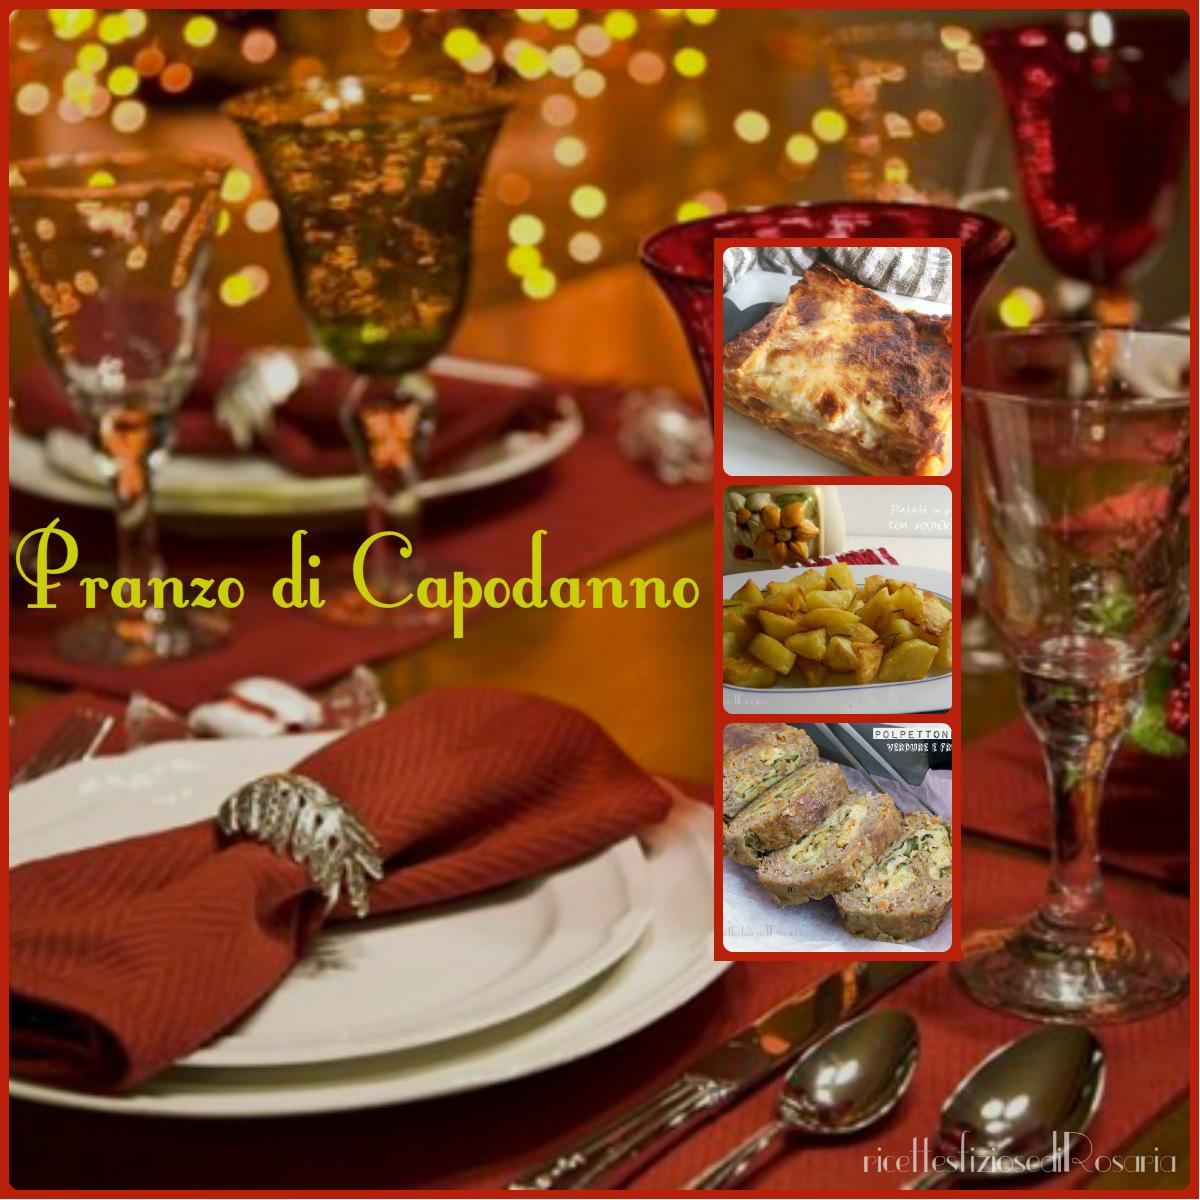 Pranzo di Capodanno - ricette semplici, veloci ed economiche